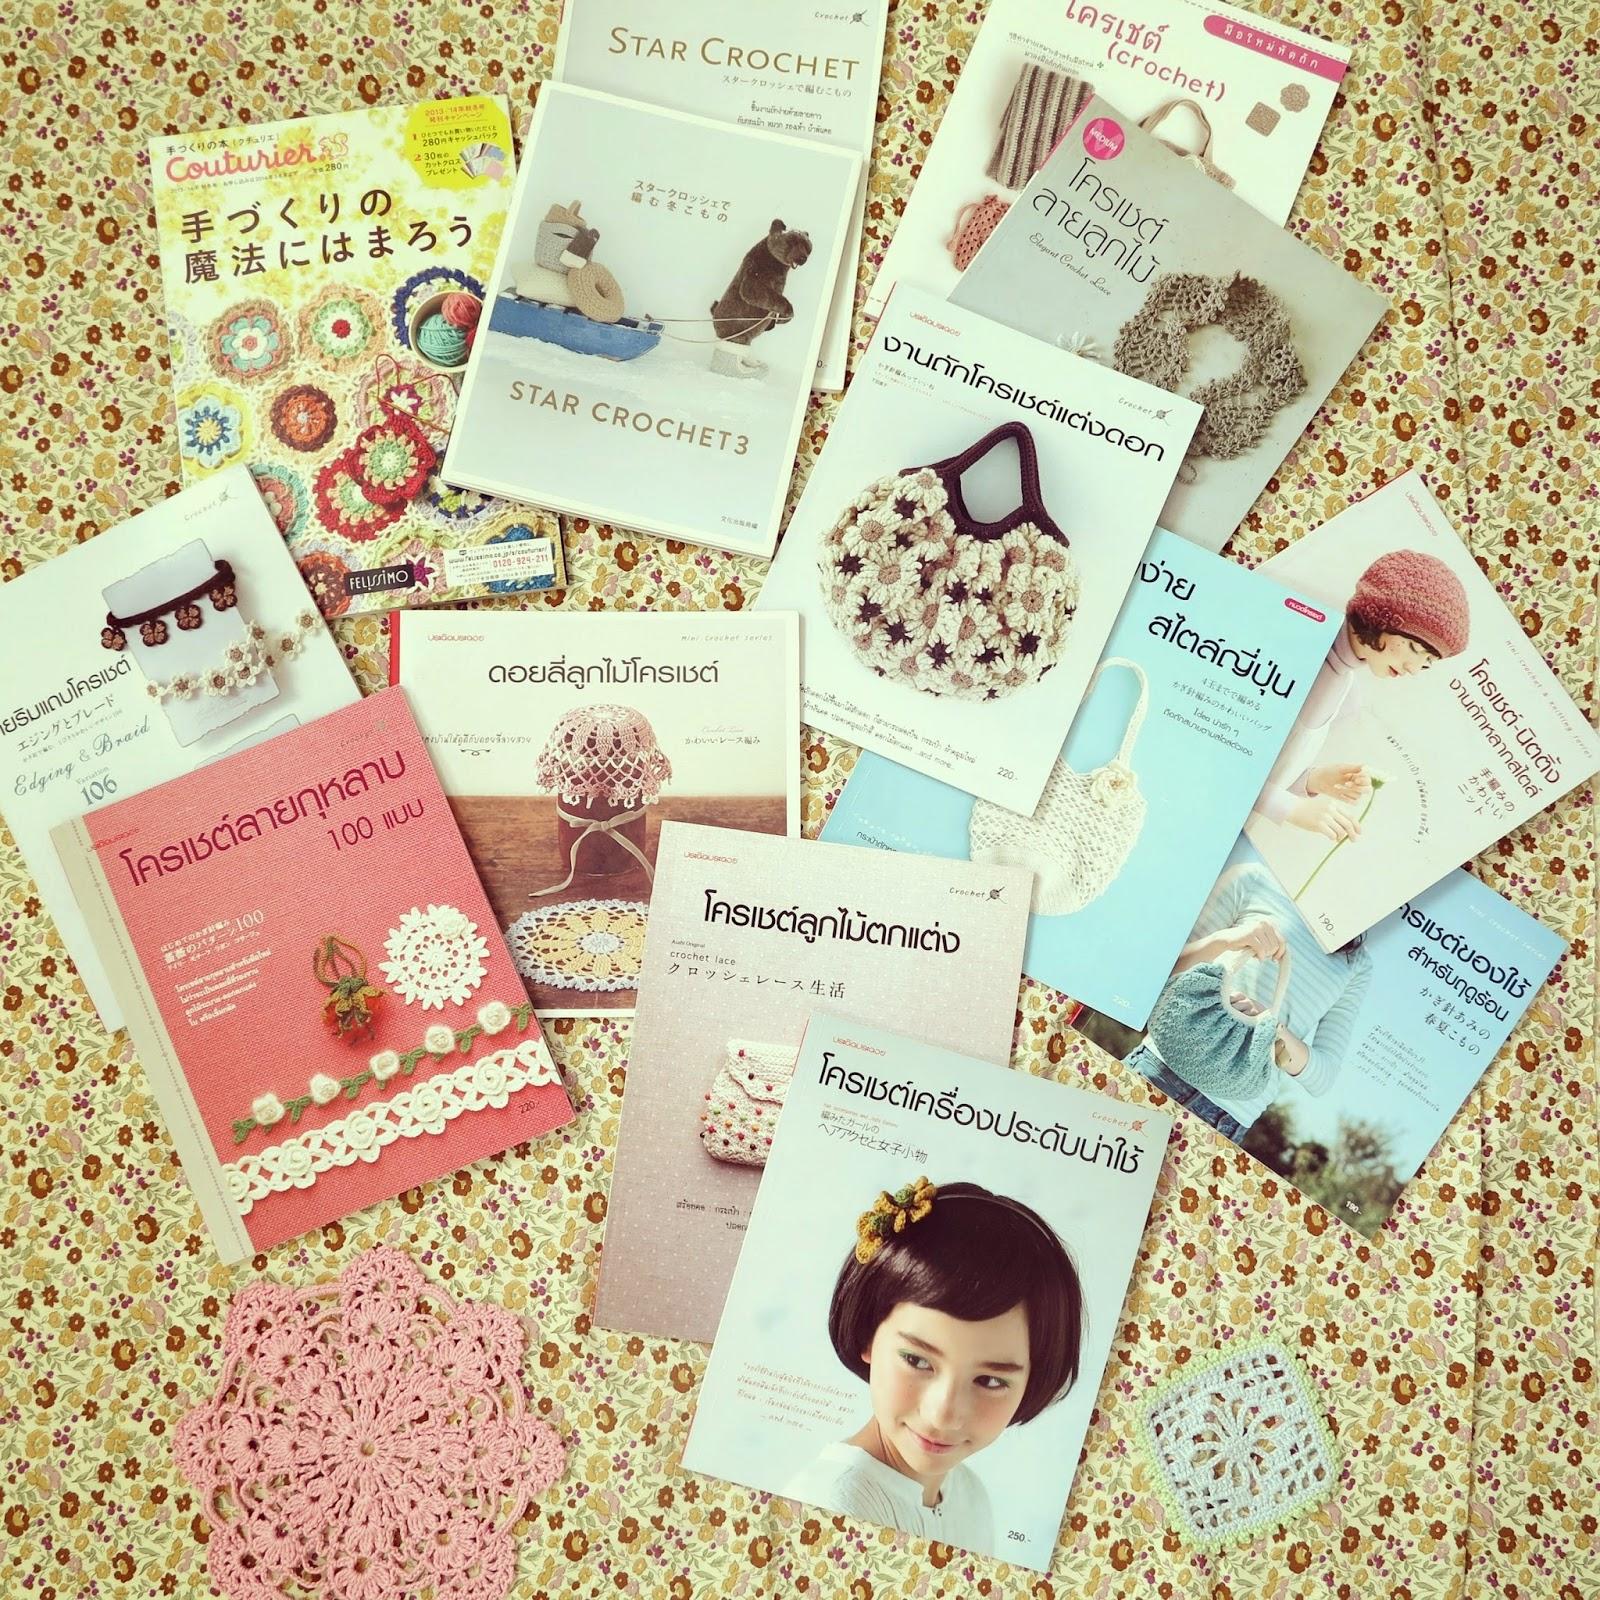 ByHaafner, crochet, Japanese crochet books